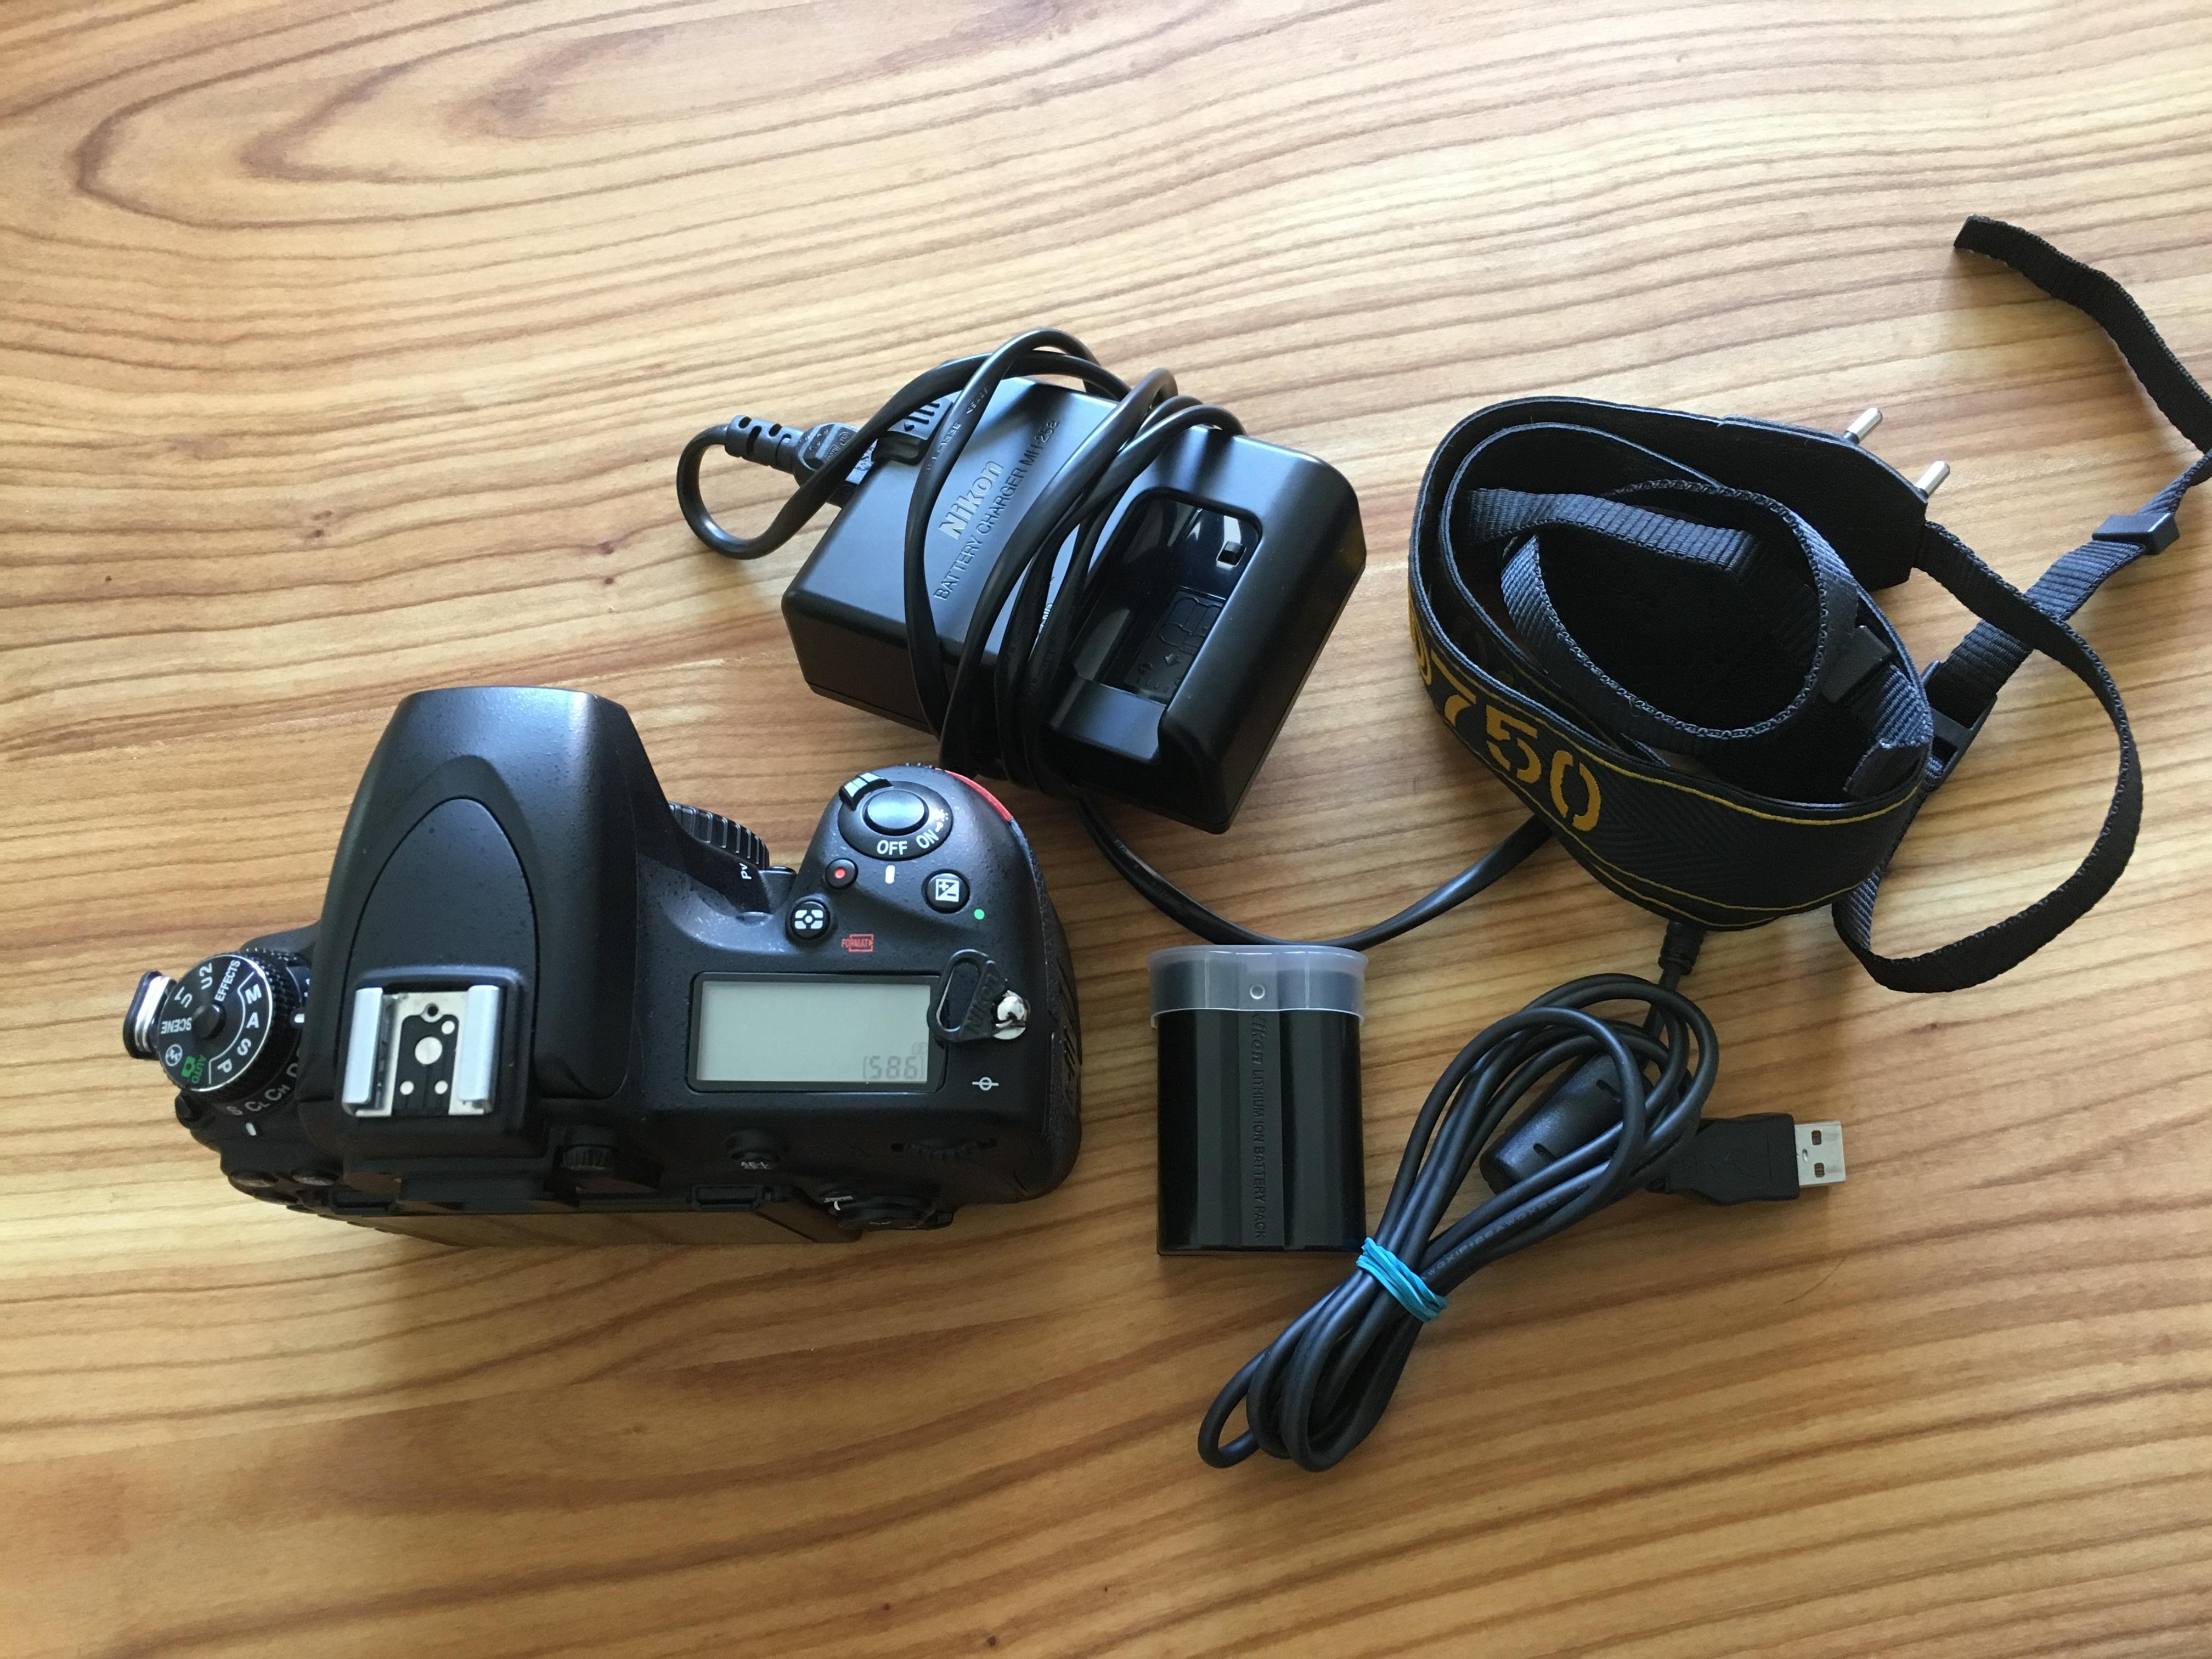 Minolta Sr-t 100 X Kamera Objektiv Koffer Blitzlicht Kunden Zuerst Analoge Fotografie